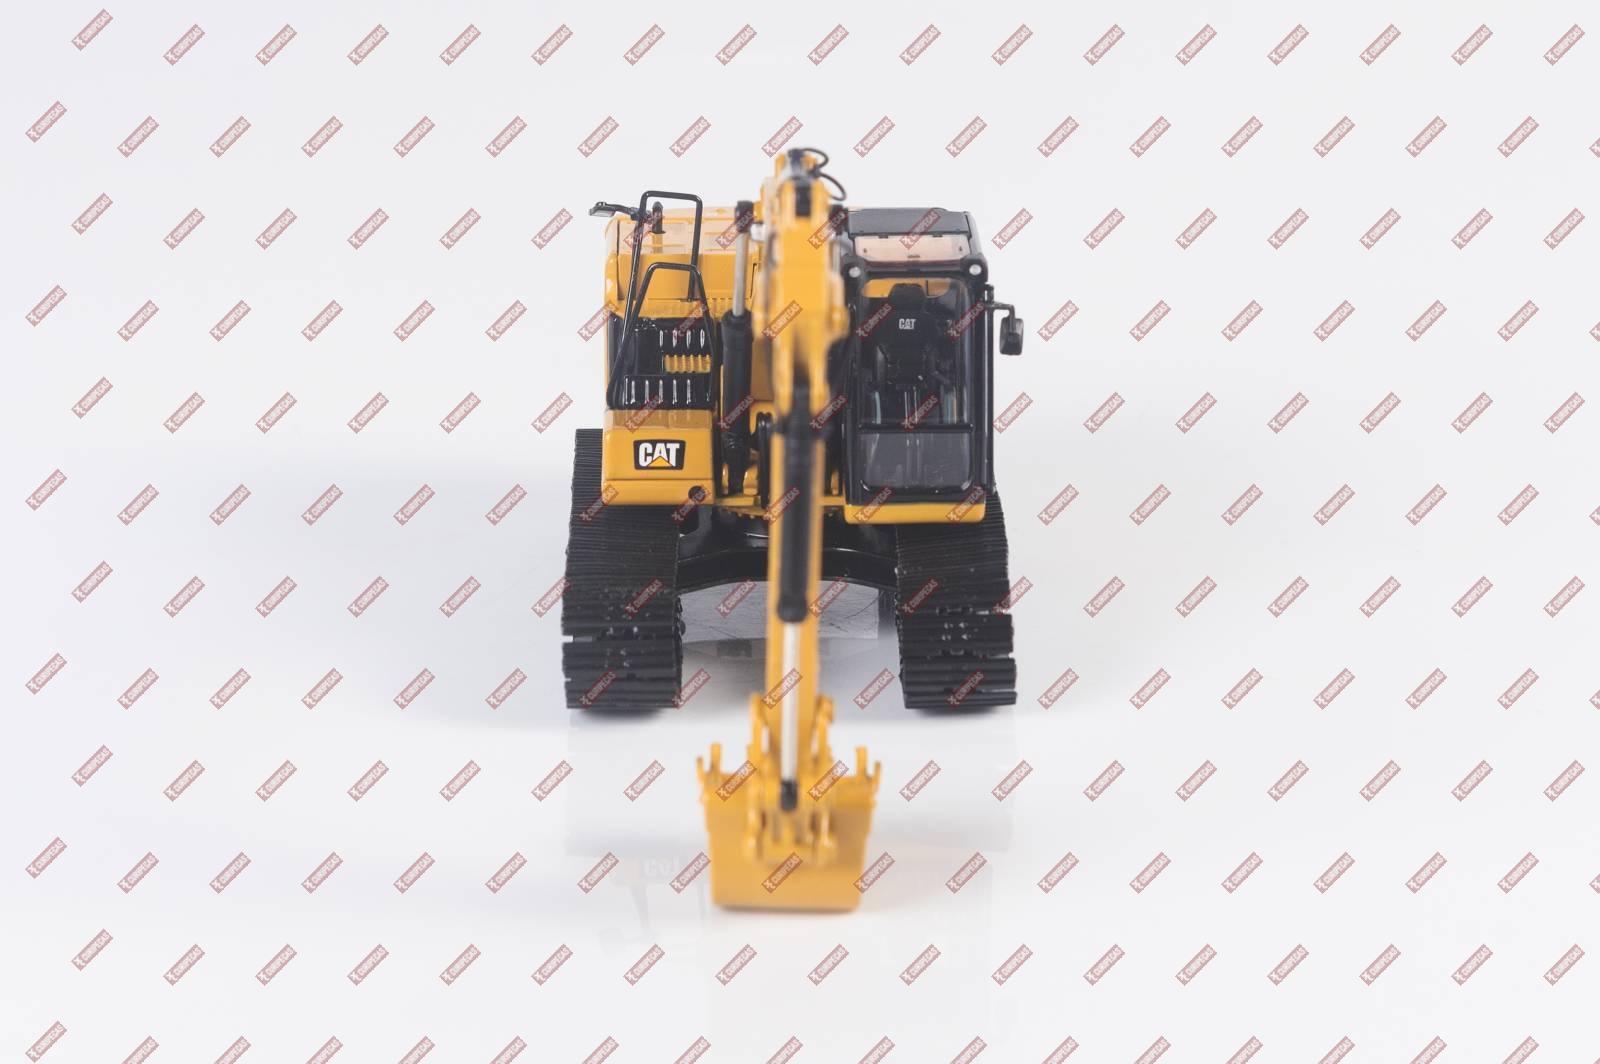 Miniatura Escavadeira Hidráulica 320 Caterpillar Cód 85569 - CURIPEÇAS